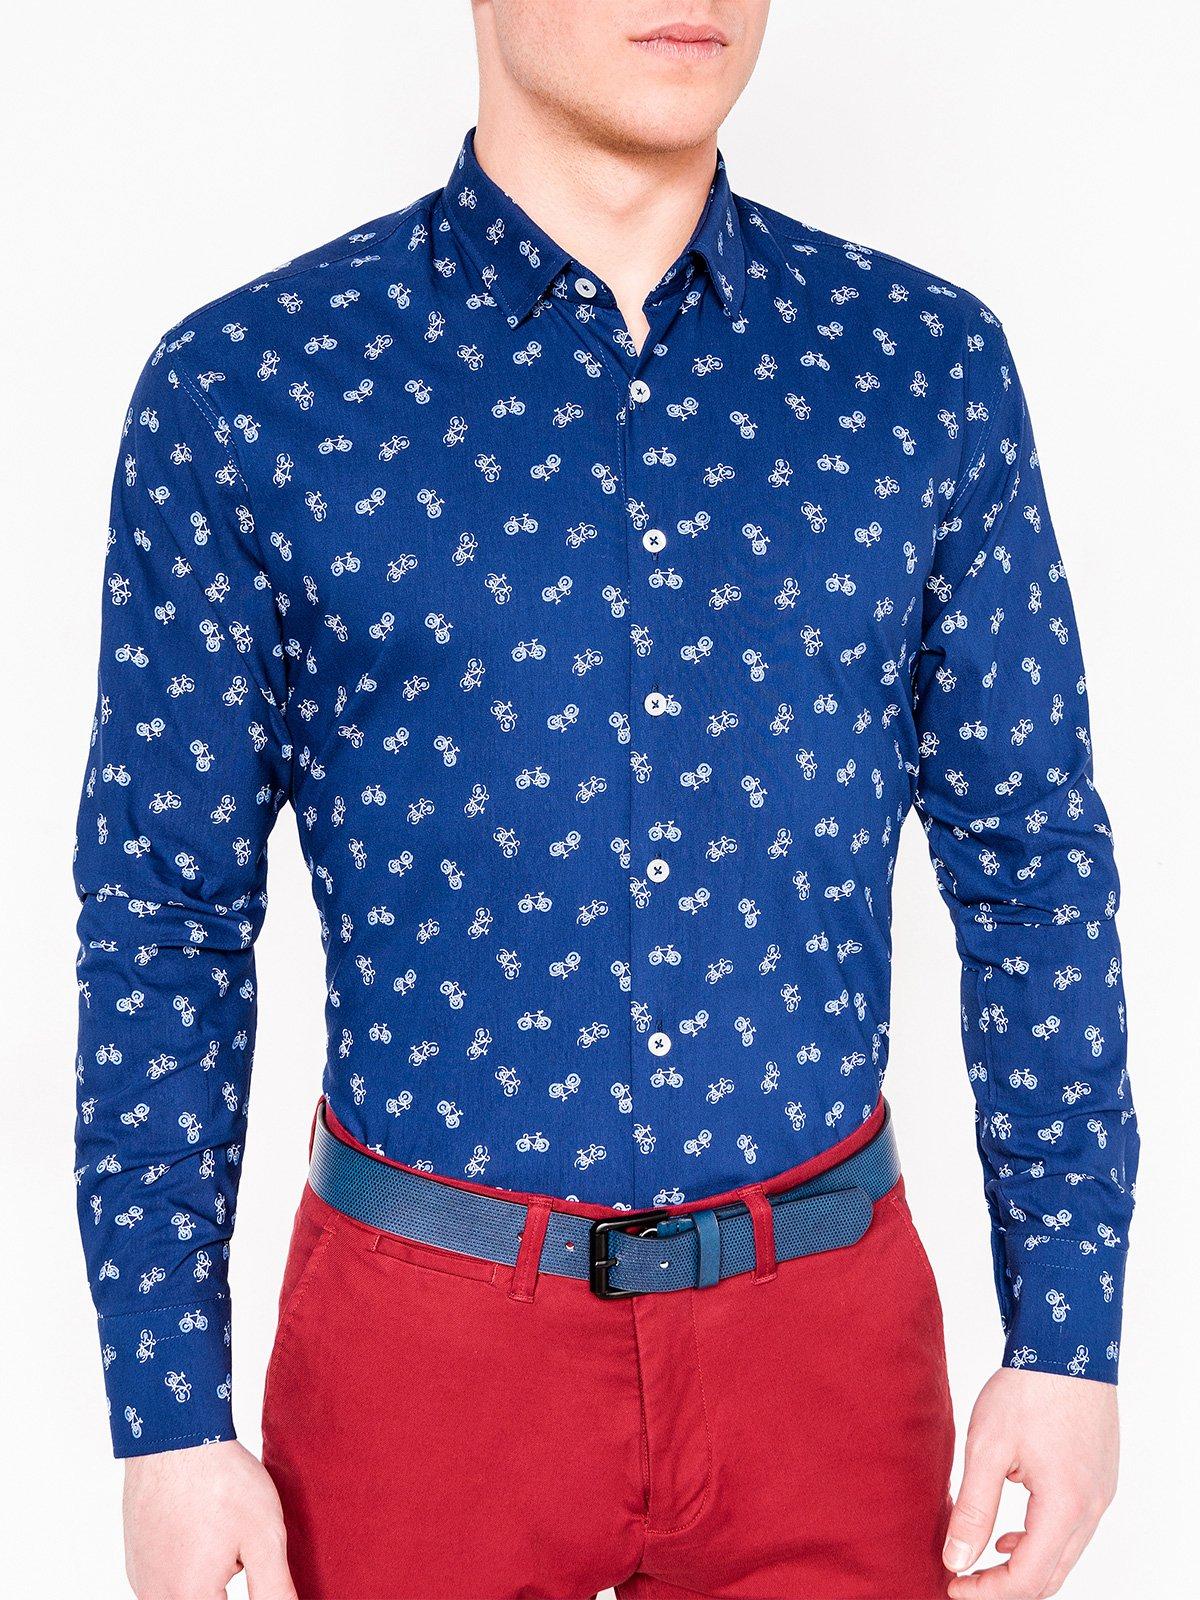 Купить Сорочка чоловіча з довгим рукавом з велосипедами K455 - темно-синя, Ombre Clothing